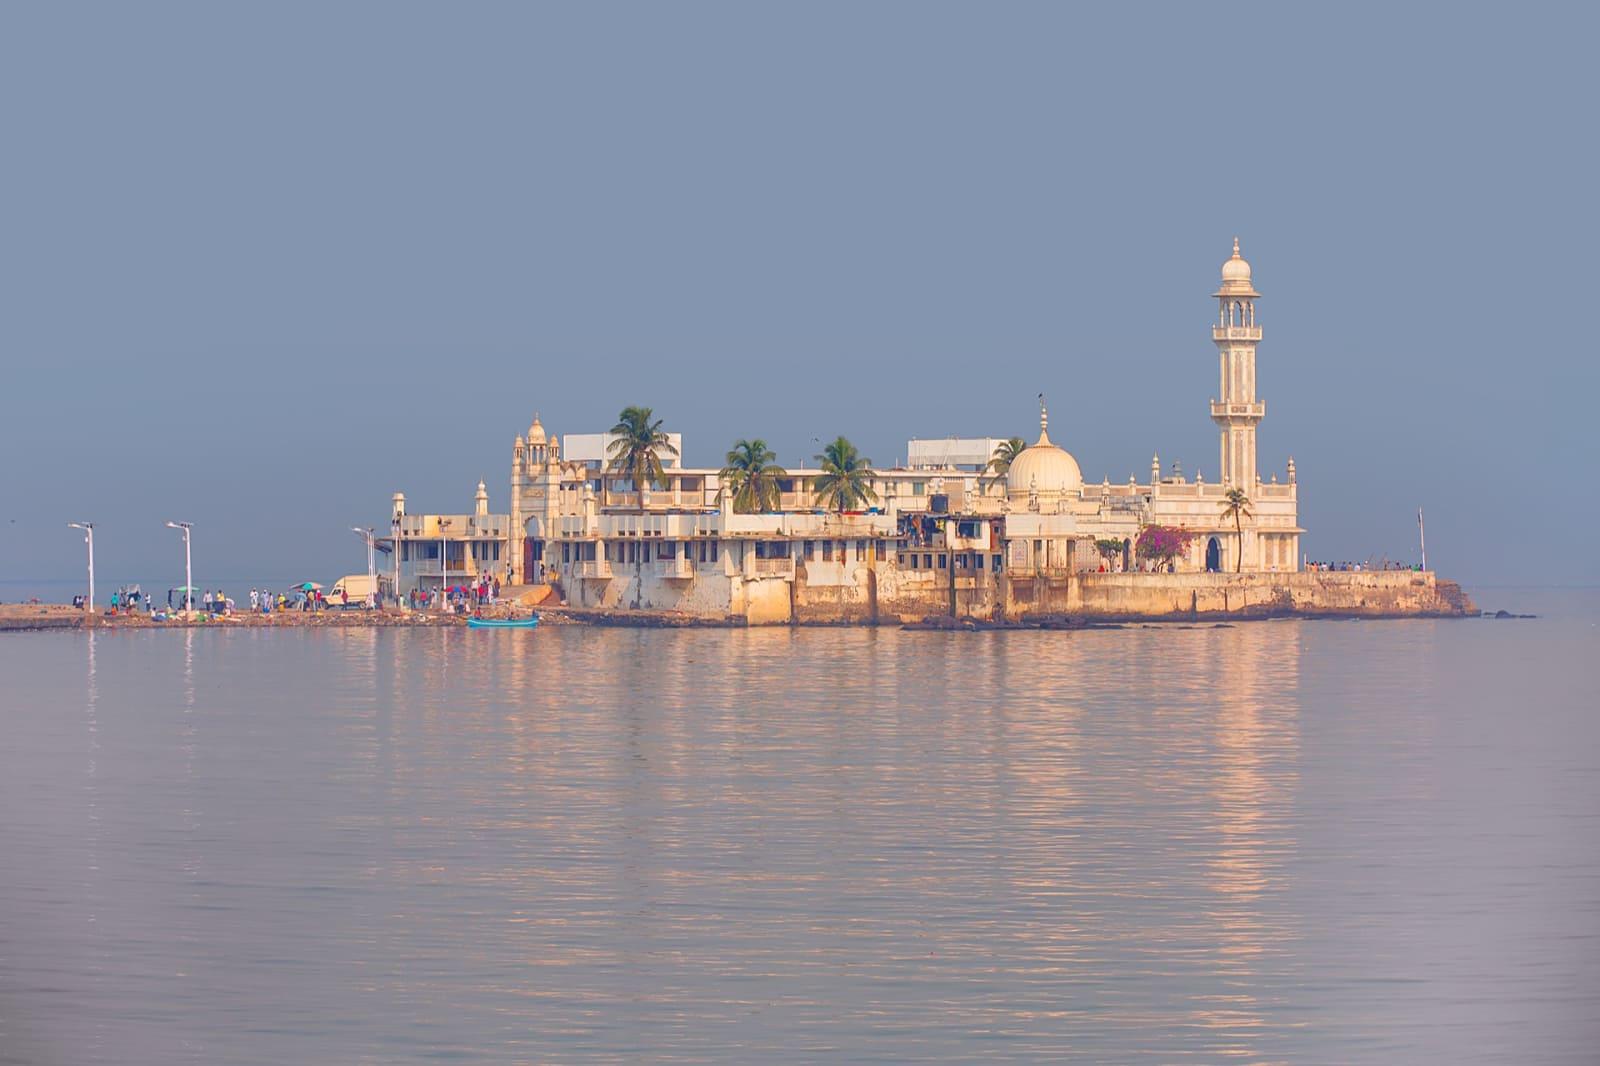 Haji ali dargah| full updated details about Haji ali dargah mumbai (2019)